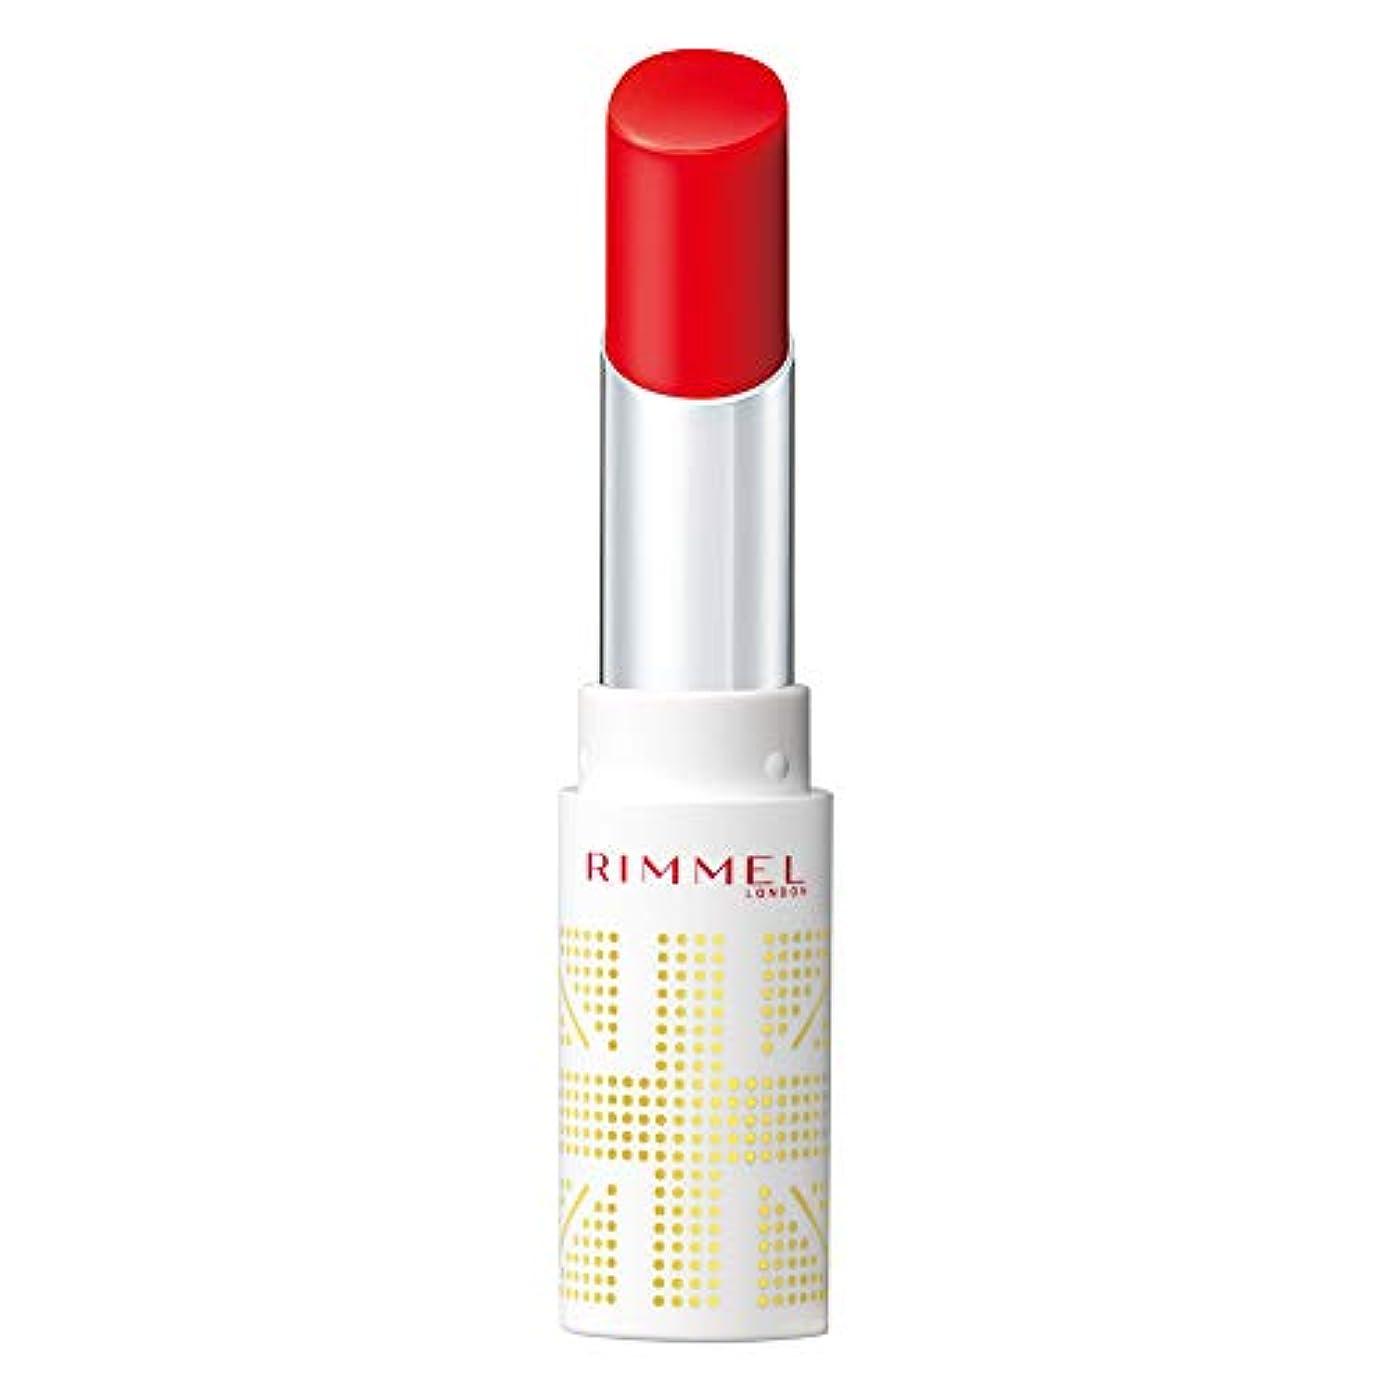 ギネス気晴らし換気するRimmel (リンメル) リンメル ラスティングフィニッシュ オイルティントリップ 002 マンダリンレッド 3.8g 口紅